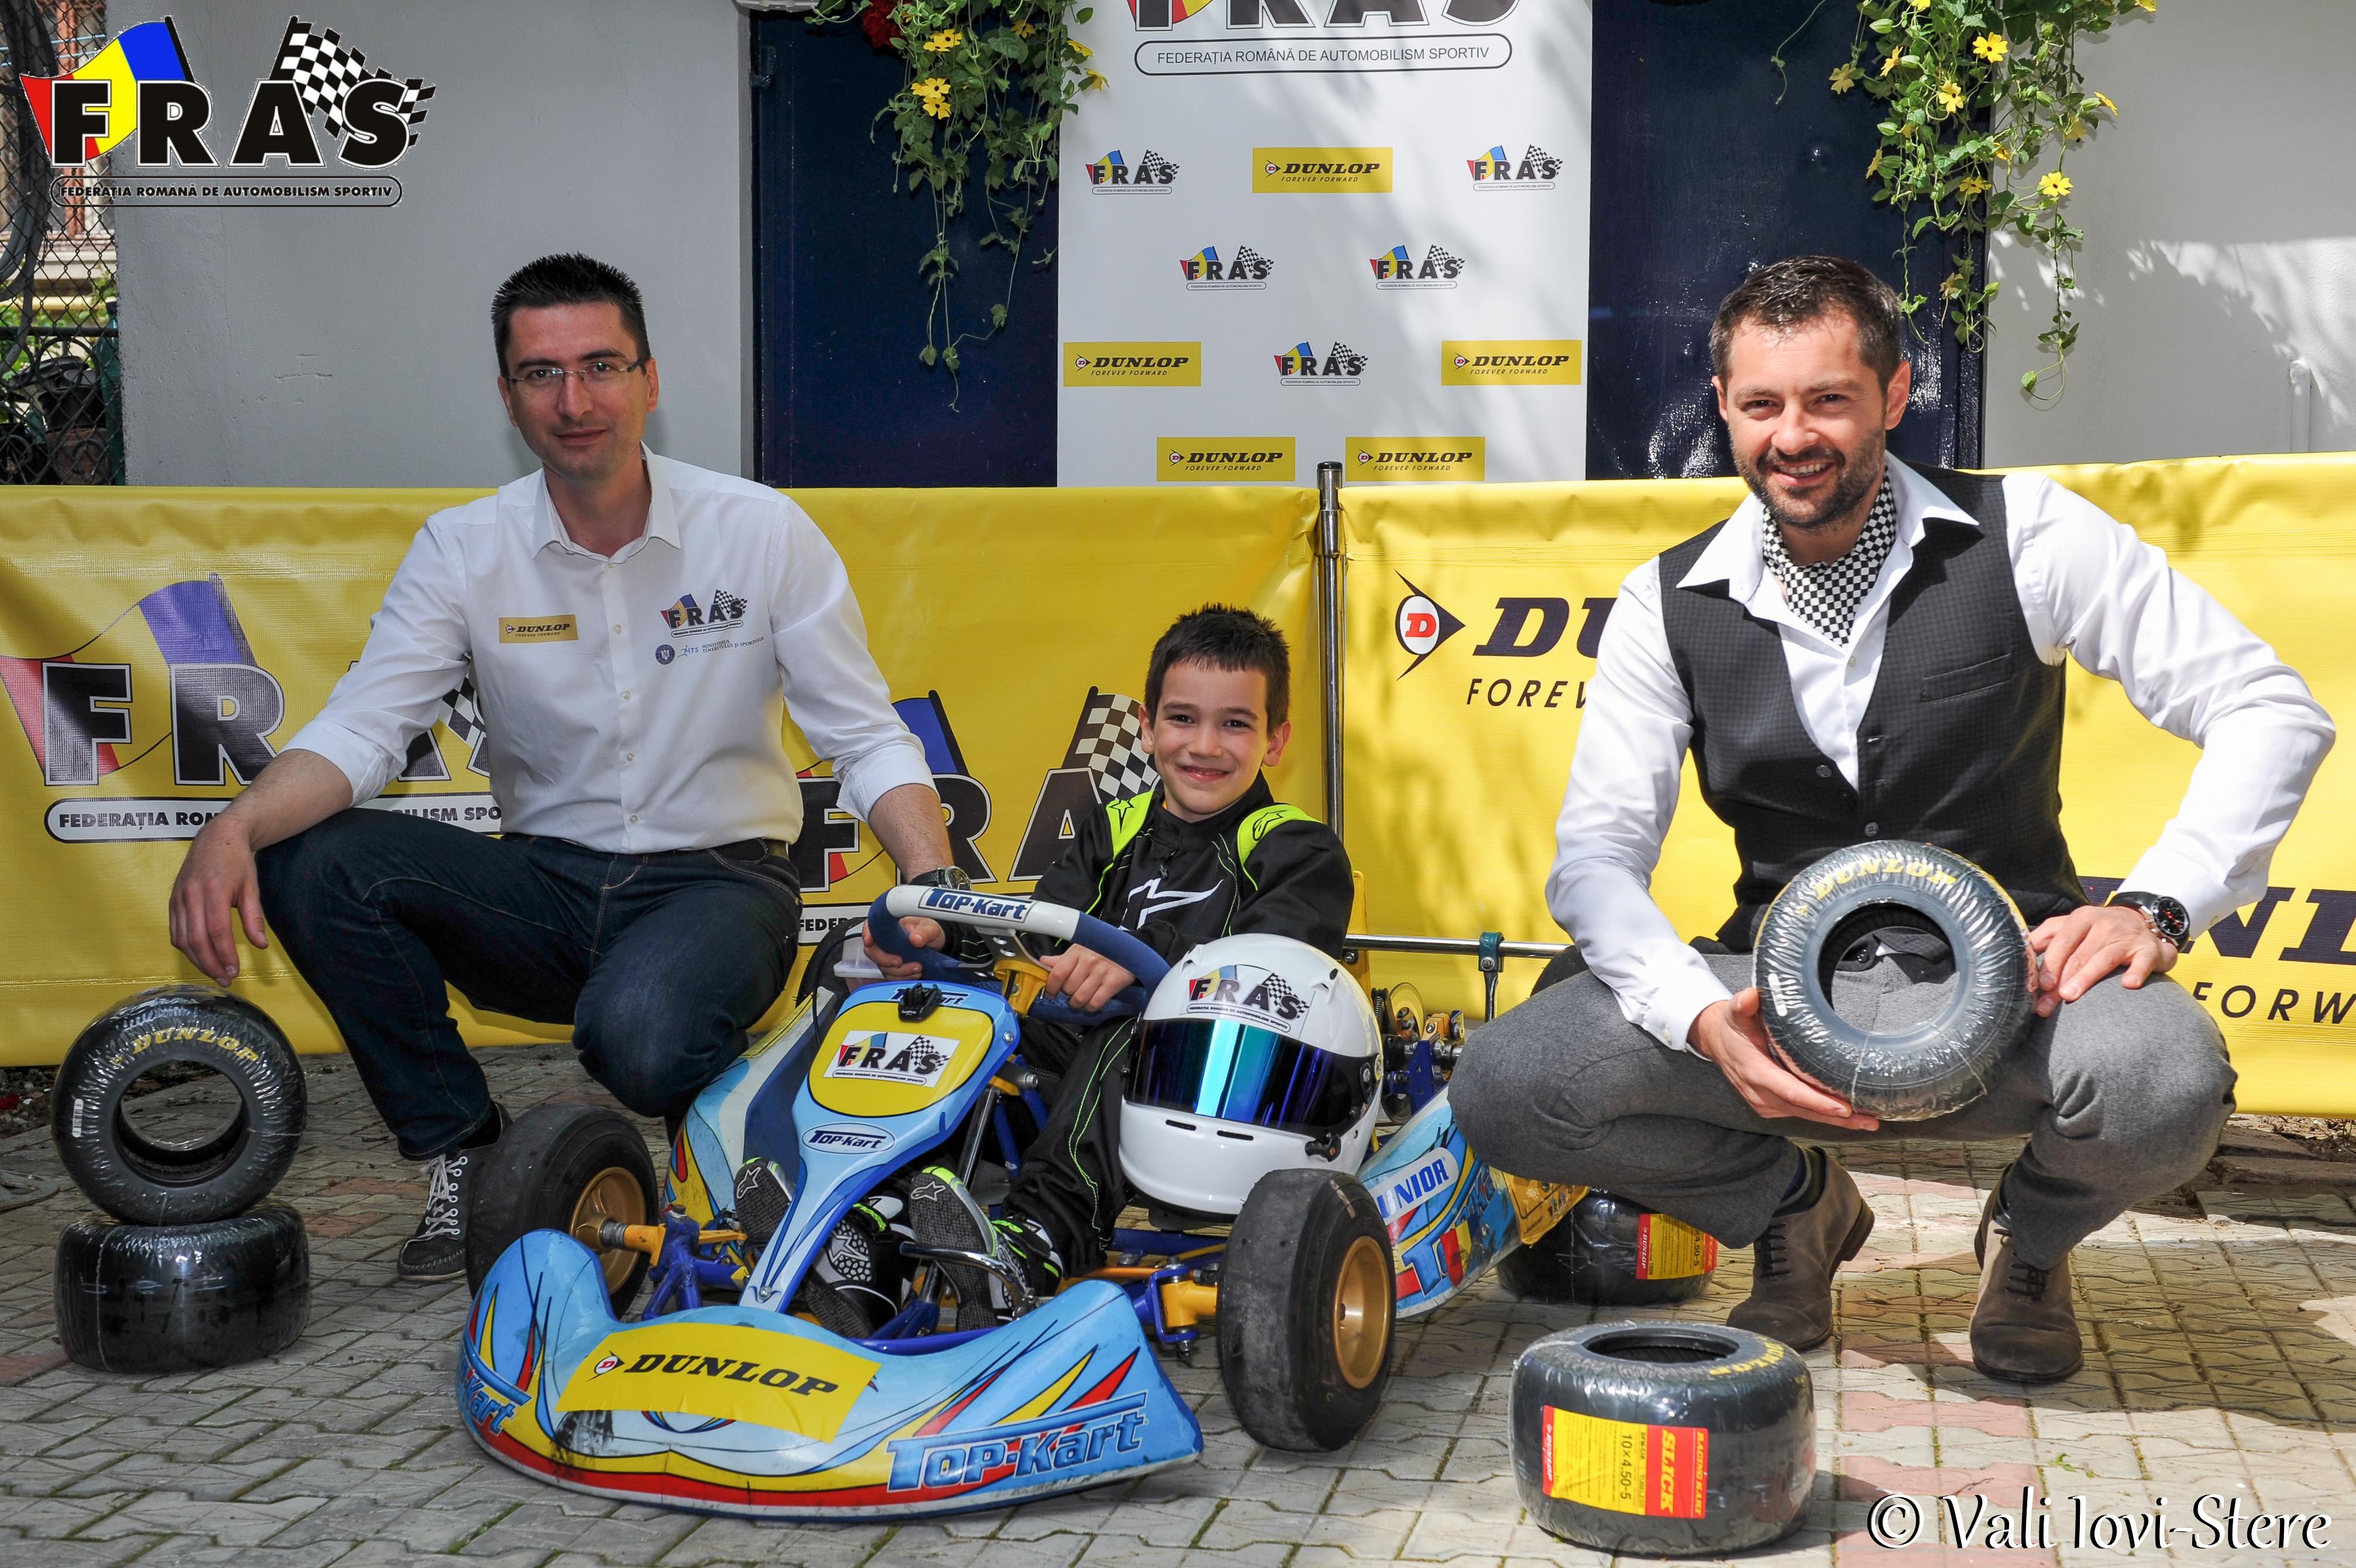 Lansare oficiala a Campionatului National de Karting la noul sediu FRAS